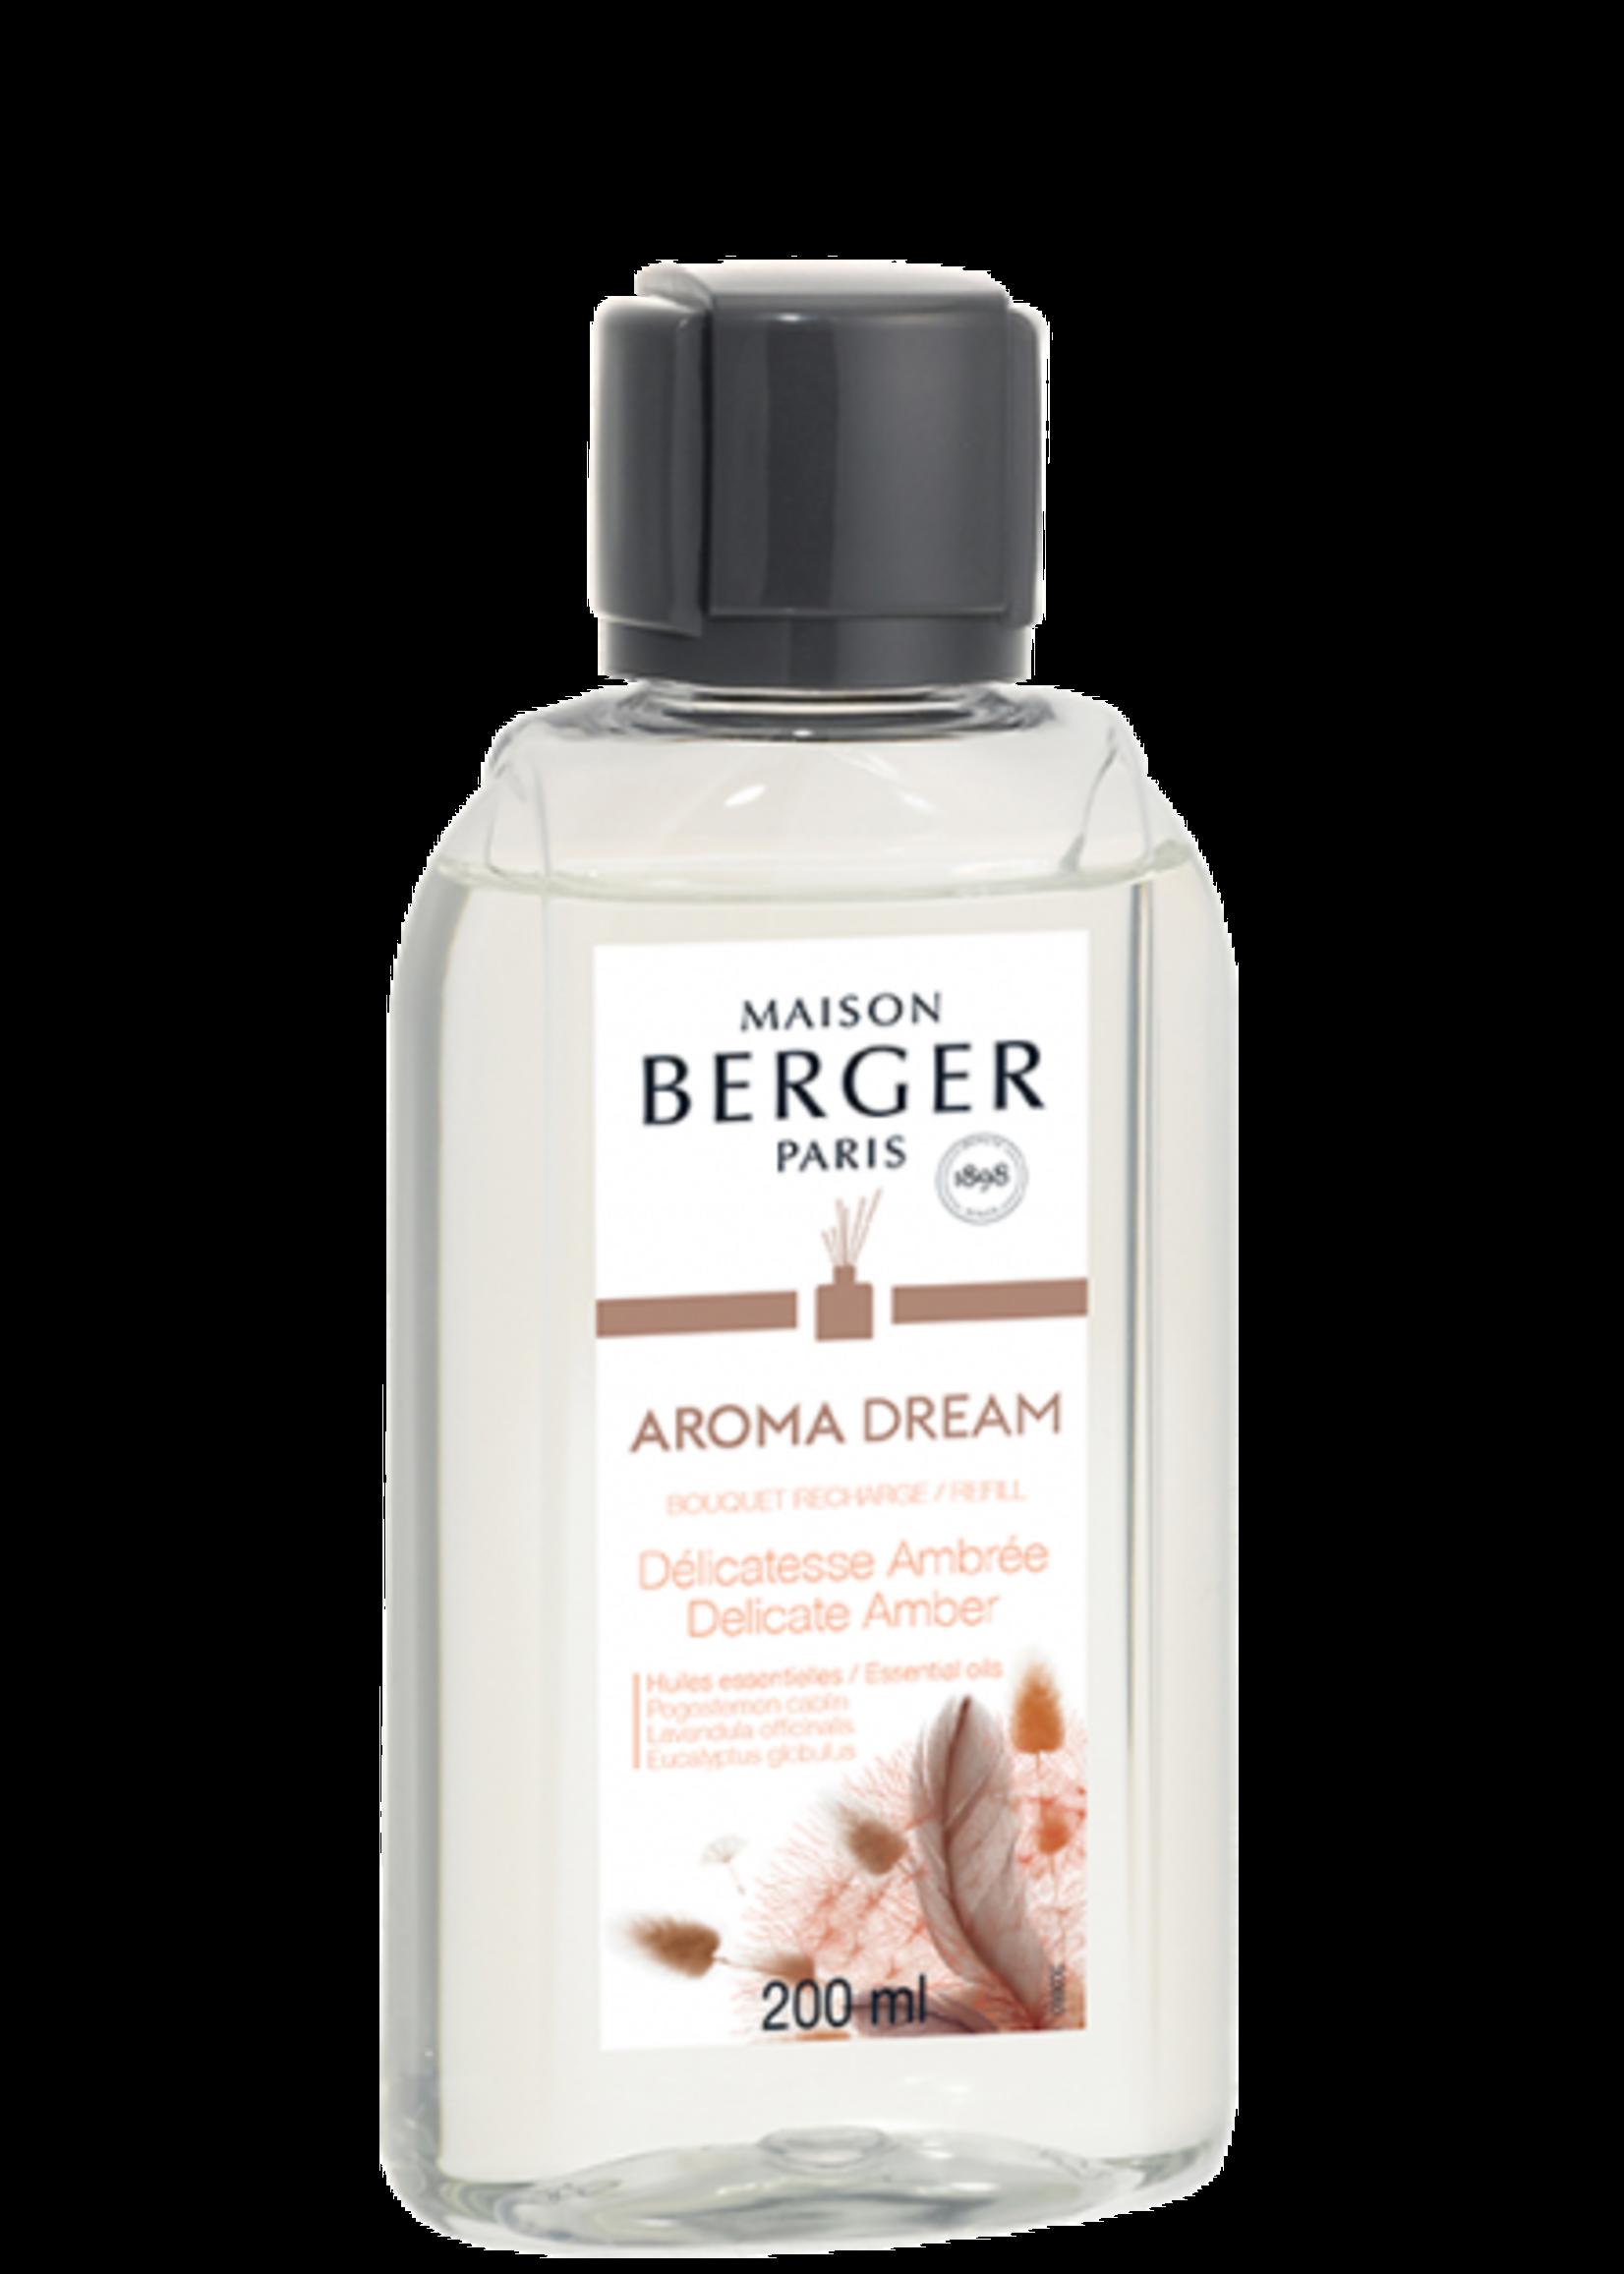 Parfum de Berger Navulling Parfum Berger Aroma Dream